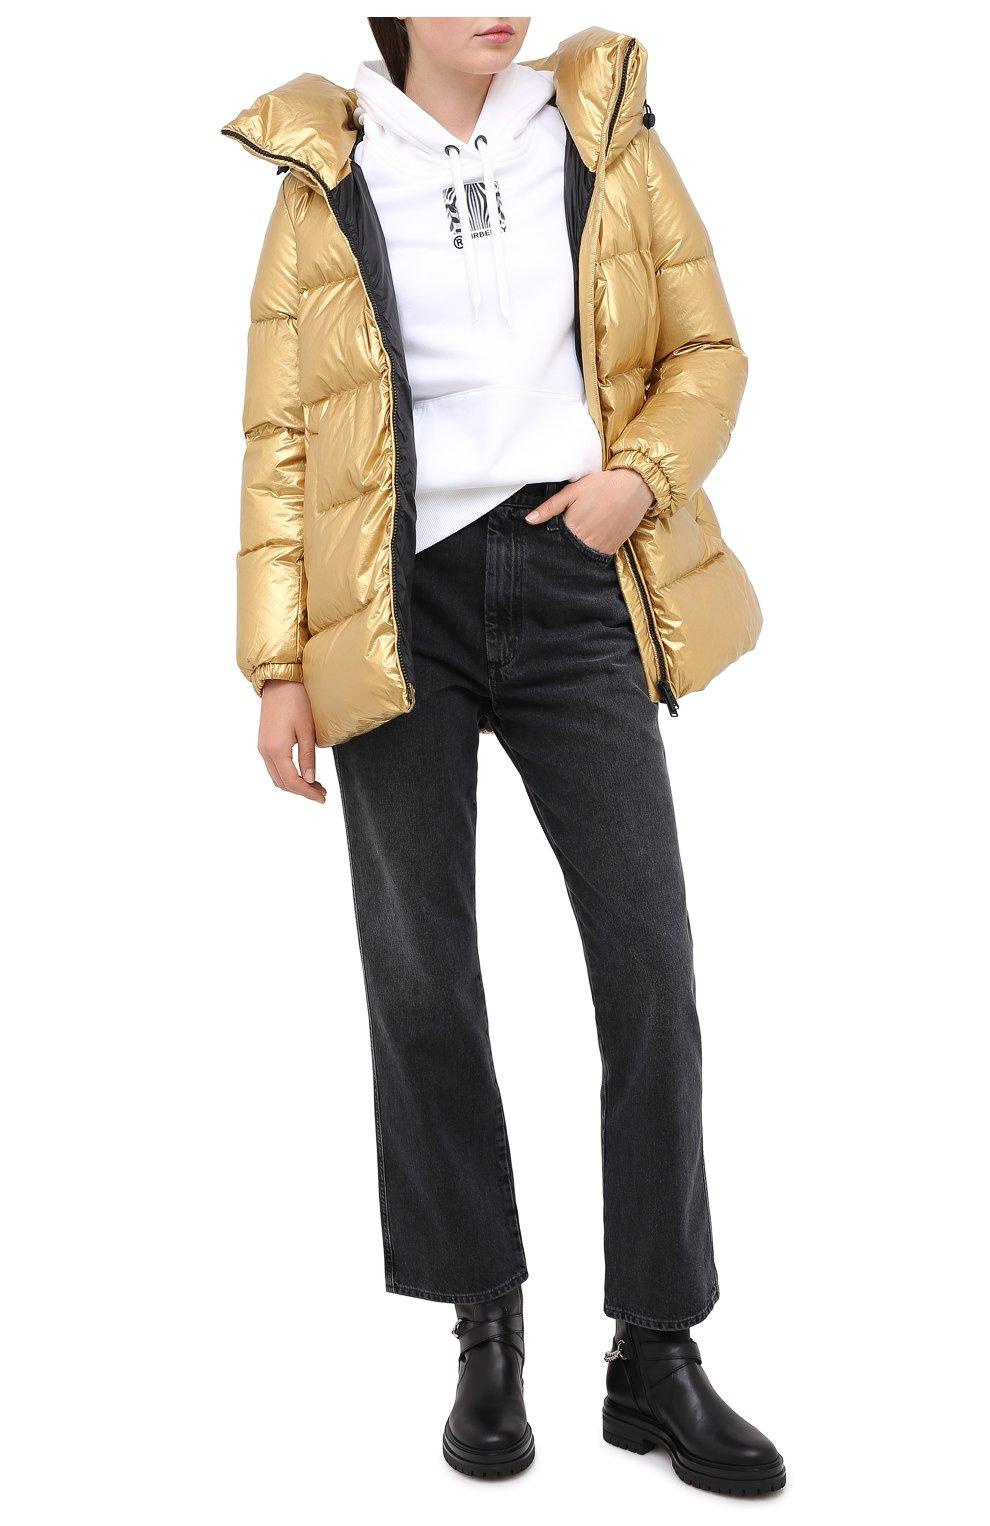 Женский пуховик ADD золотого цвета, арт. 2AWAM30 | Фото 2 (Рукава: Длинные; Материал внешний: Синтетический материал; Кросс-КТ: Пуховик; Материал подклада: Синтетический материал; Длина (верхняя одежда): Короткие)